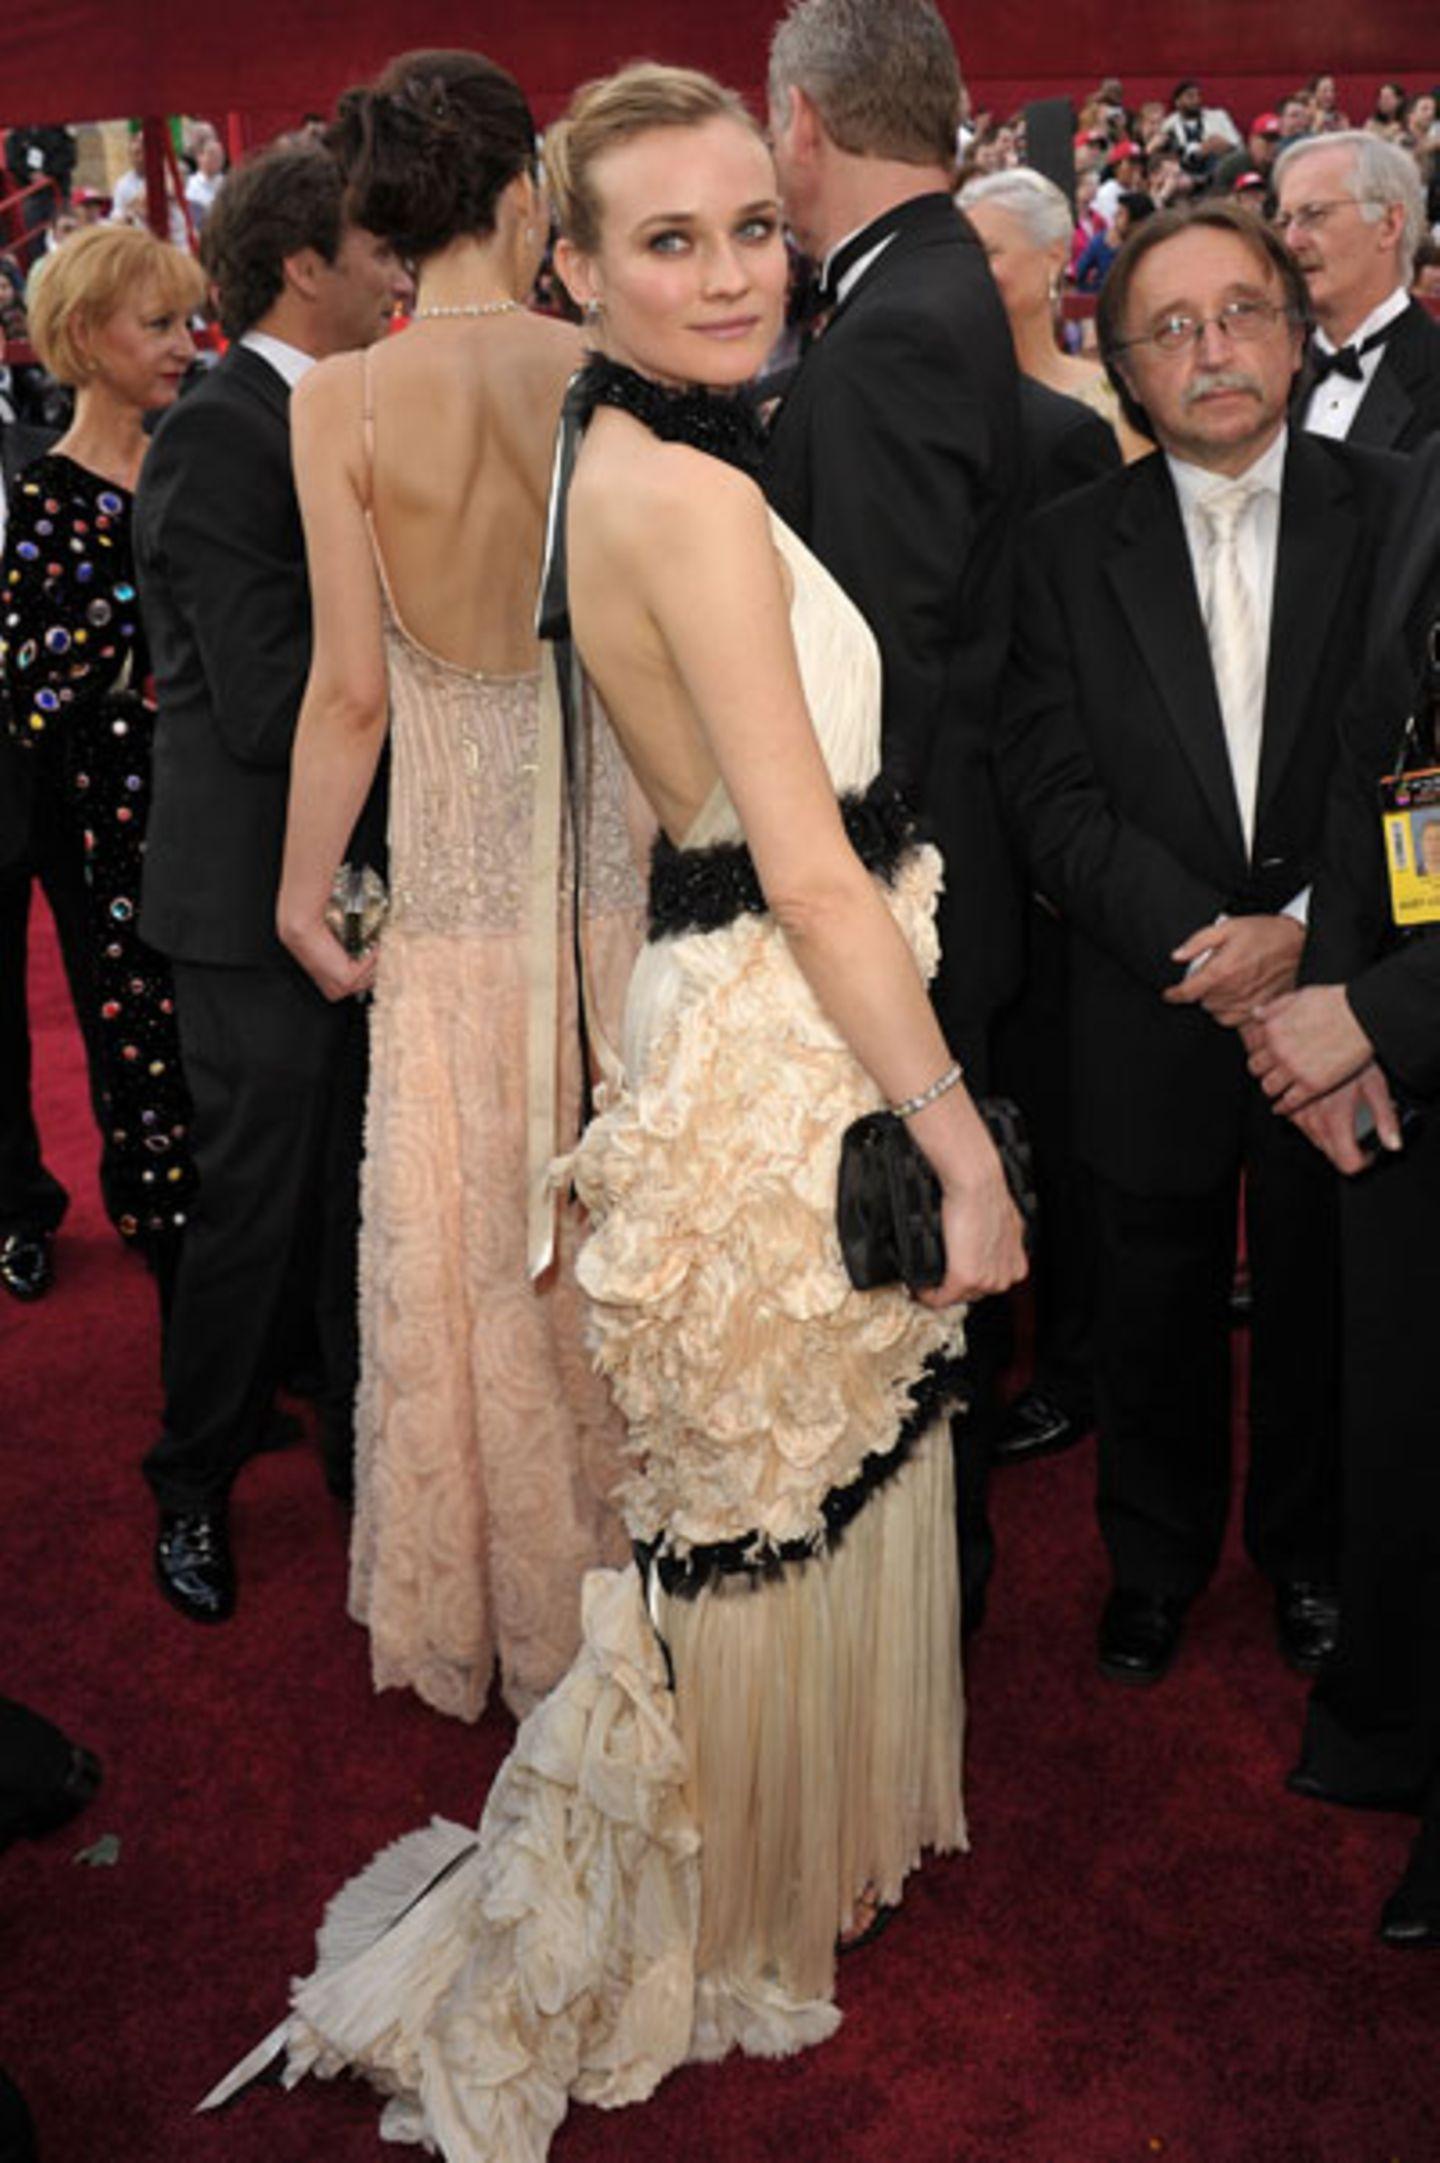 Diane Kruger Die blonde Schauspielerin erschien in einer cremeweißen Robe mit Plisseefalten, schwarzen Borten und jeder Menge Rüschen. Die Farbkombination (und die schwarze Clutch im Arm) sahen toll aus, allerdings passiert auf und an dem Kleid so viel, dass das Outfit insgesamt sehr unruhig wirkte.